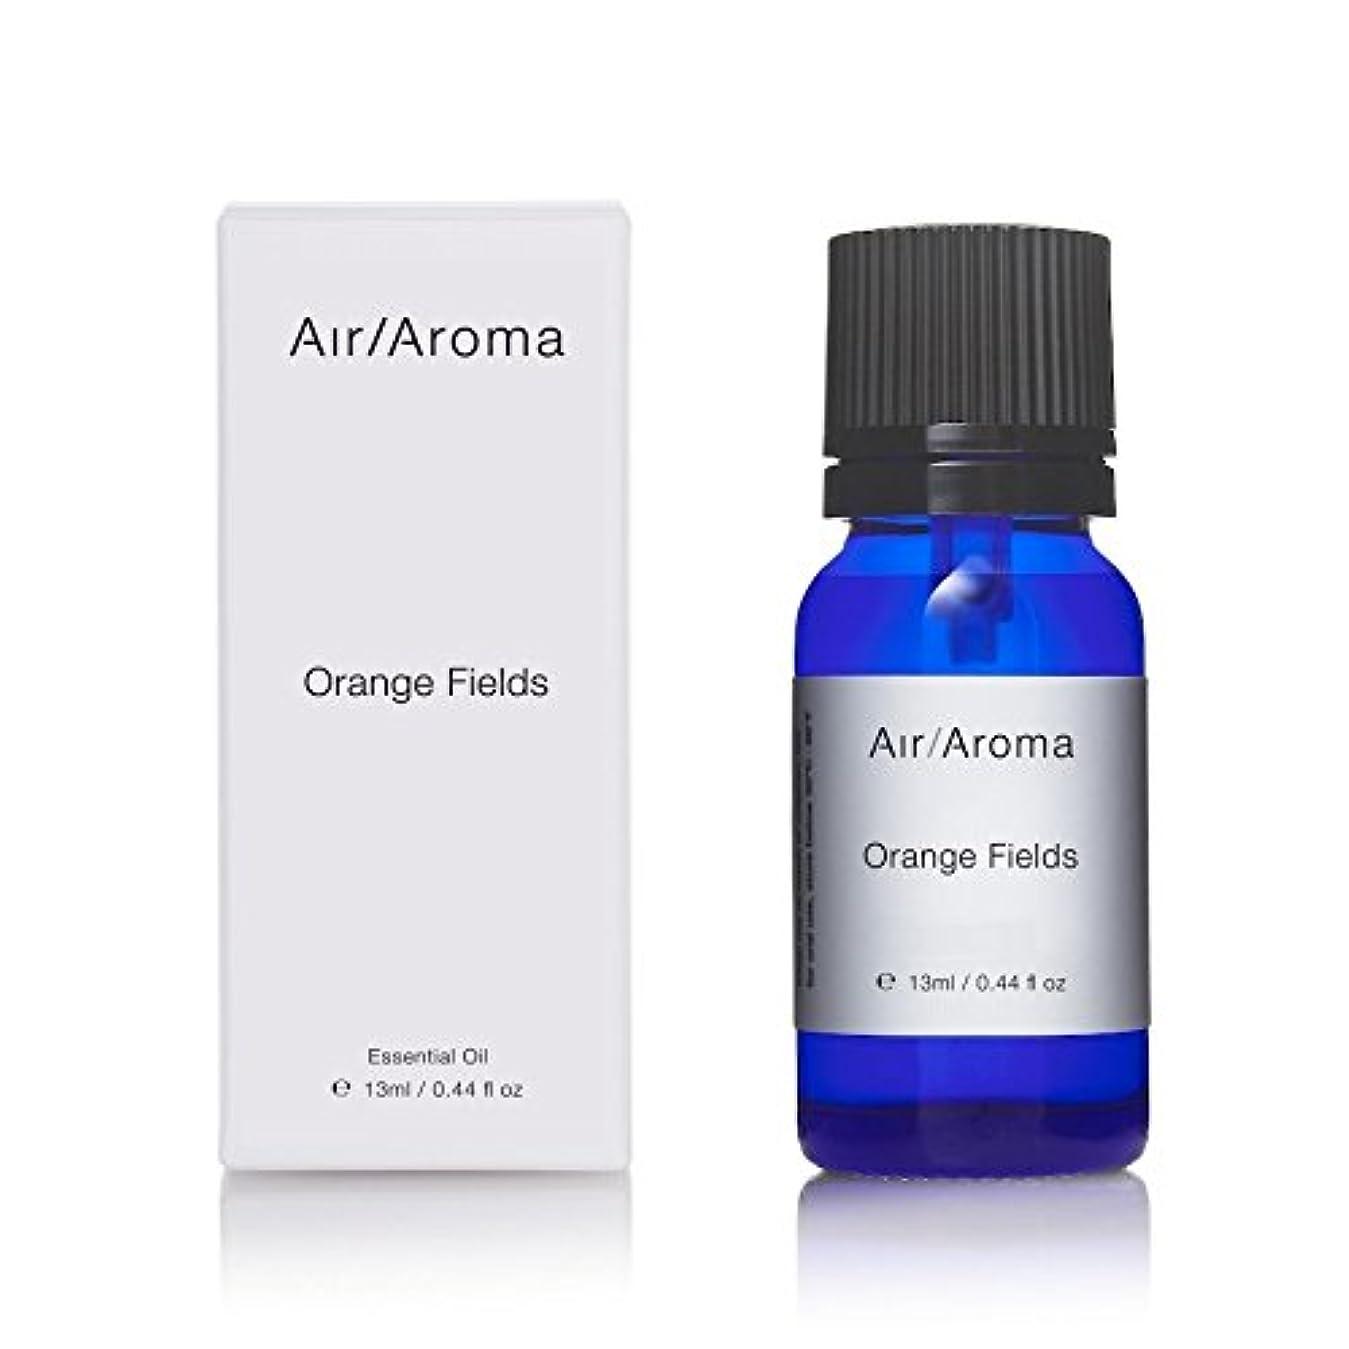 ソート雄弁エアアロマ orange fields (オレンジフィールド) 13ml